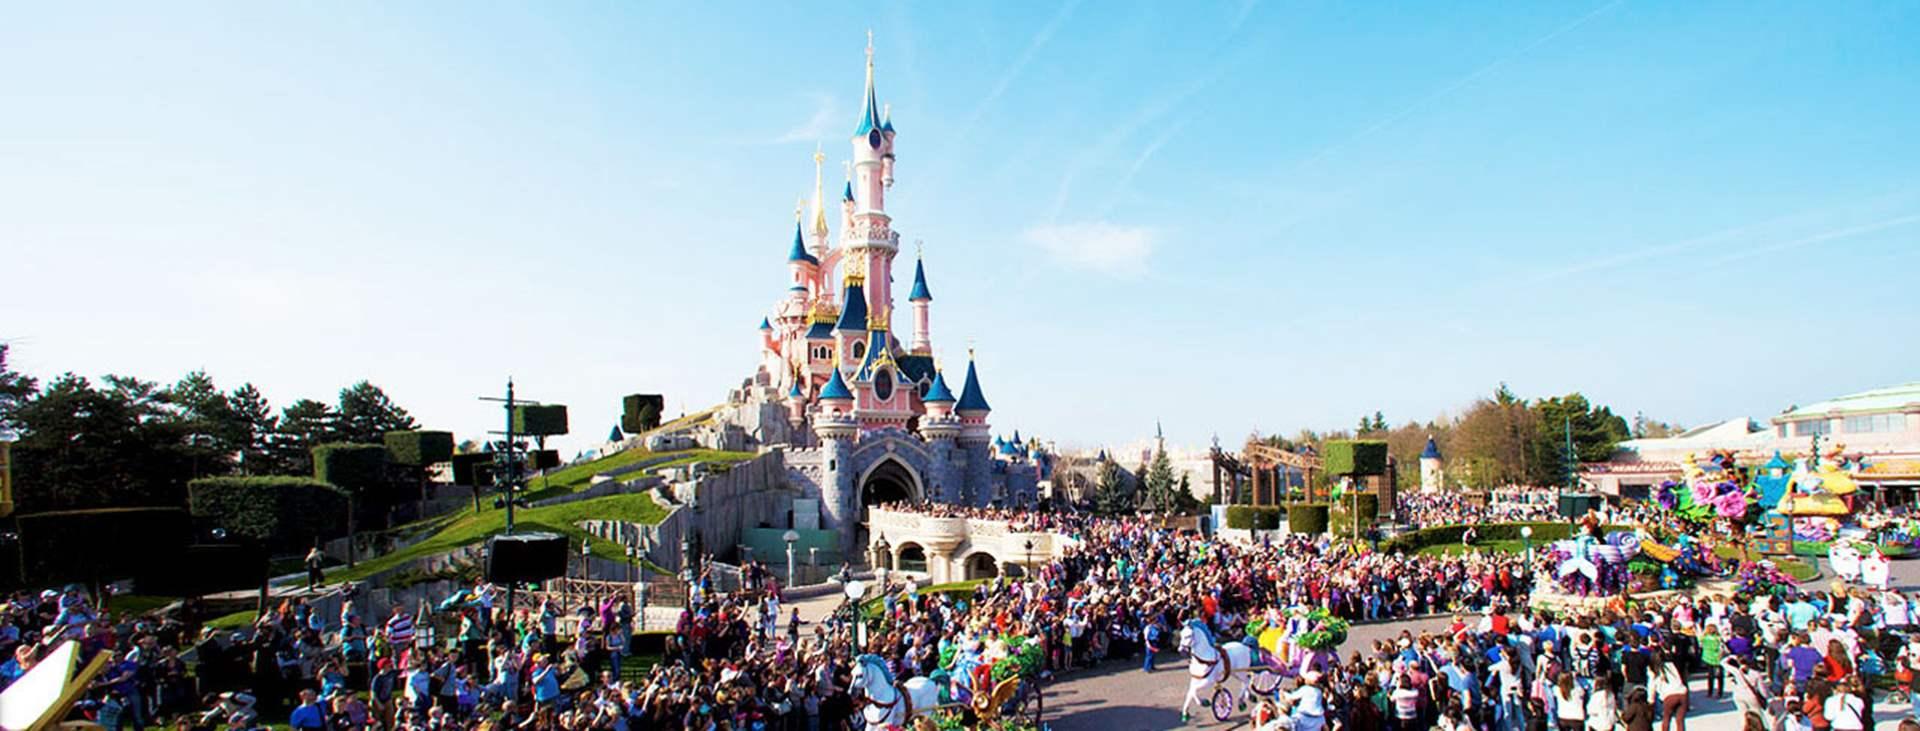 Bestill en reise til barnevennlige Disneyland® Paris